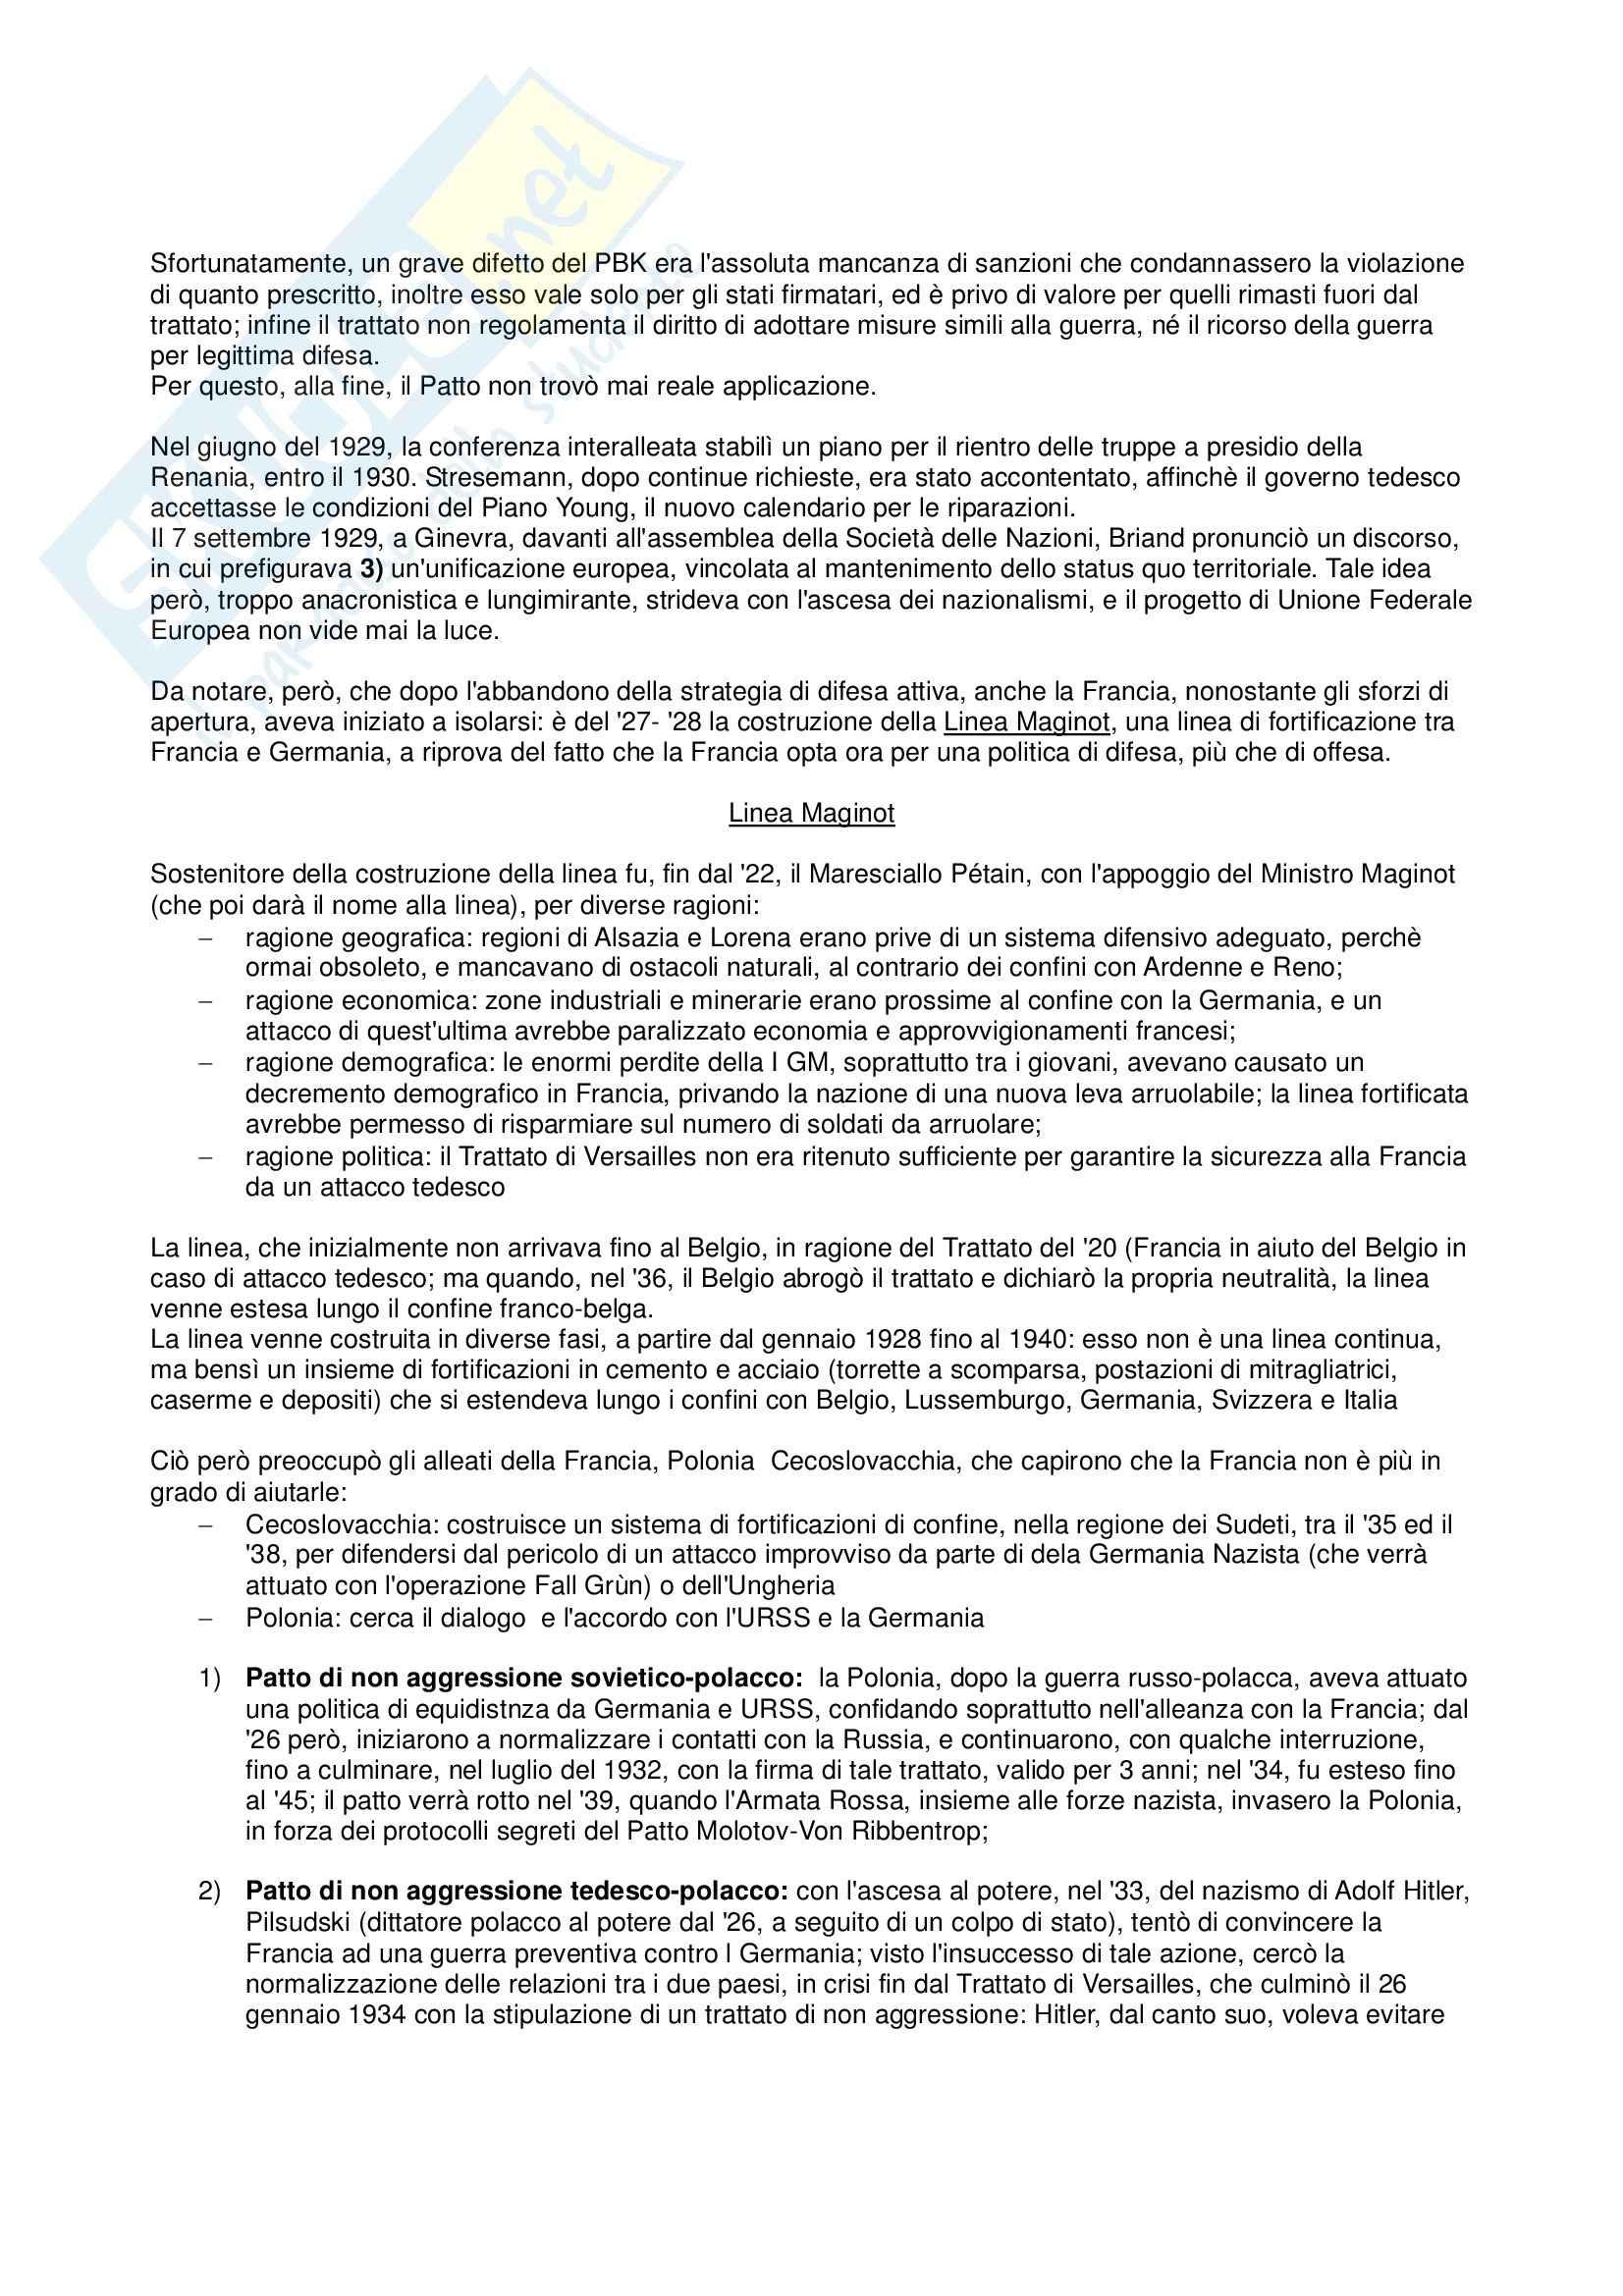 Storia delle relazioni internazionali - Appunti Pag. 21